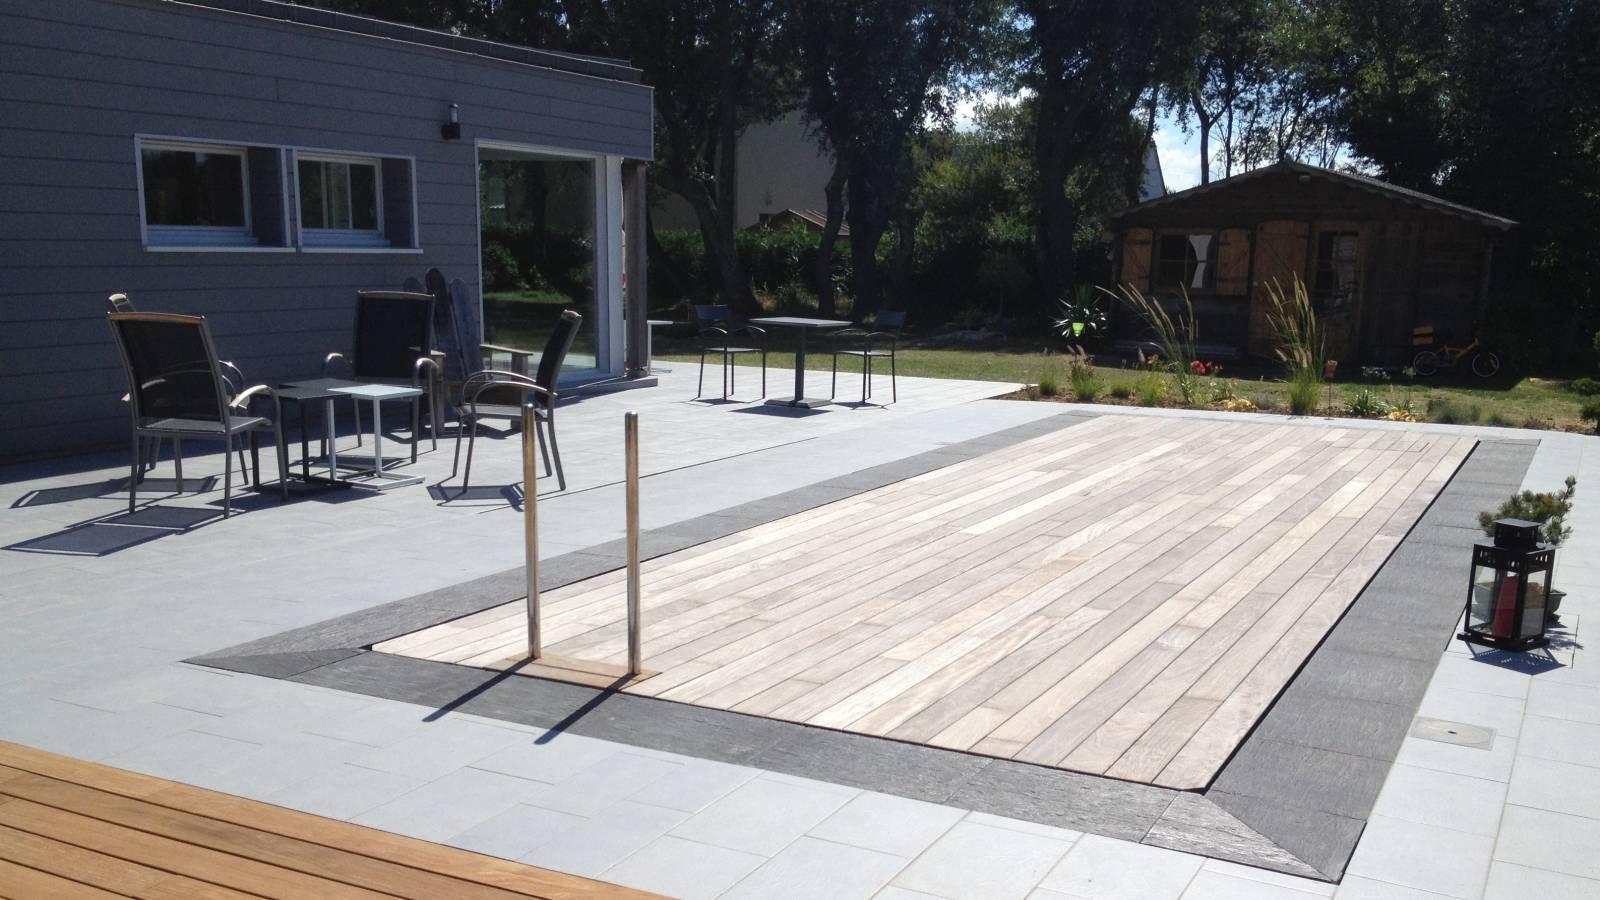 Fabricant De Piscine À Fond Mobile - Amphibia tout Fabriquer Une Terrasse Mobile Pour Piscine